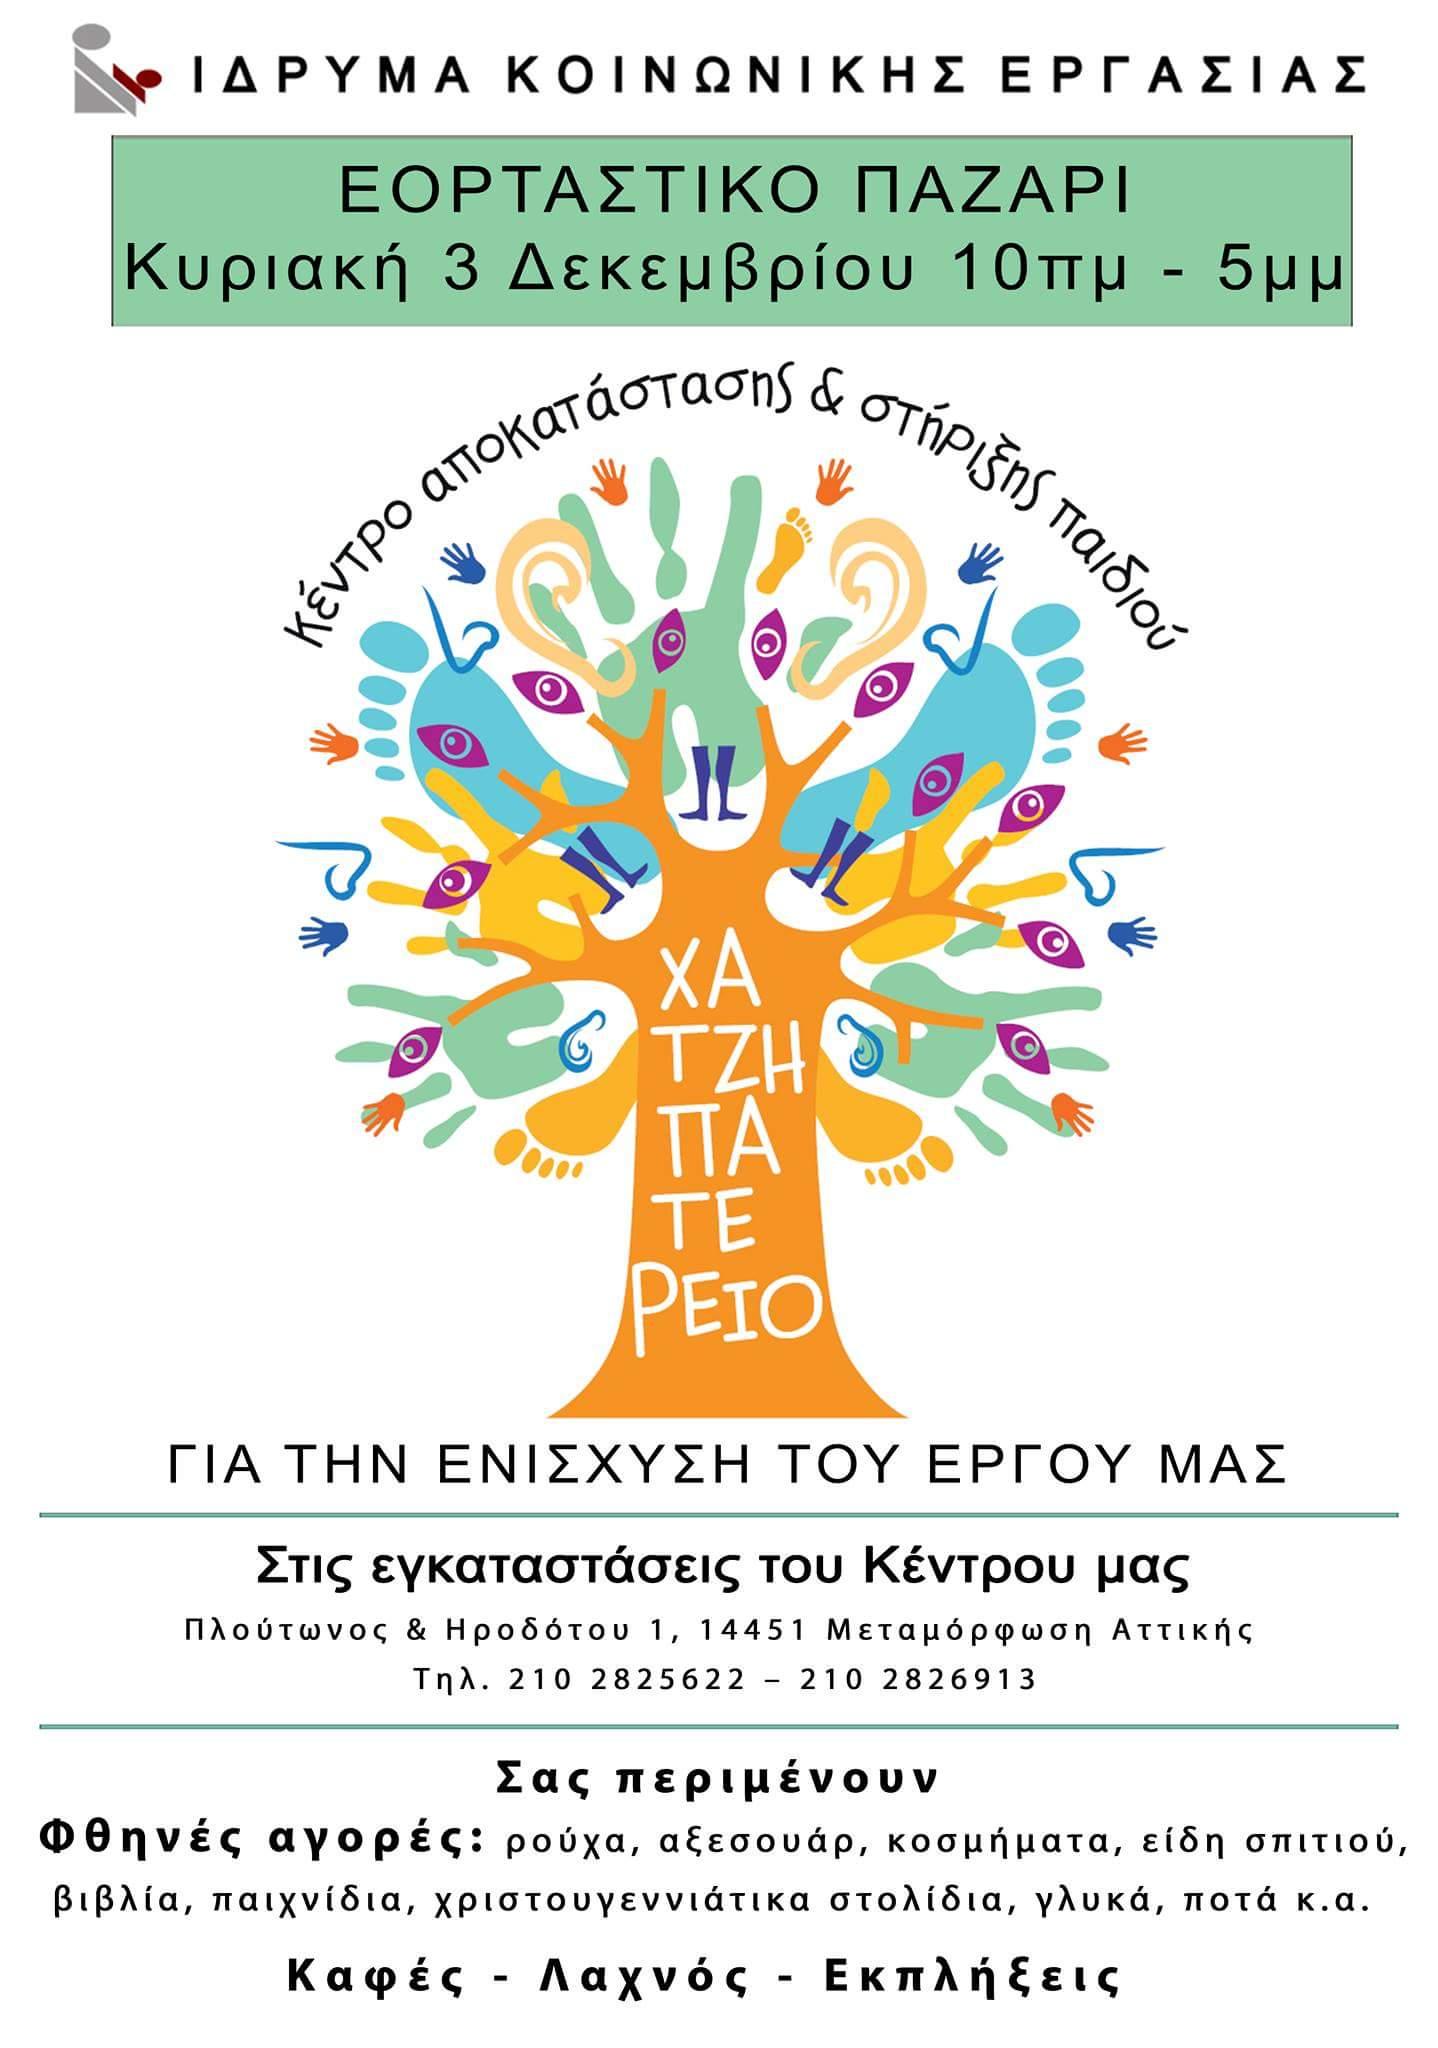 Αφίσα εκδήλωσης για την υποστήριξη του ΧΑΤΖΗΠΑΤΕΡΕΙΟΥ Ιδρύματος.